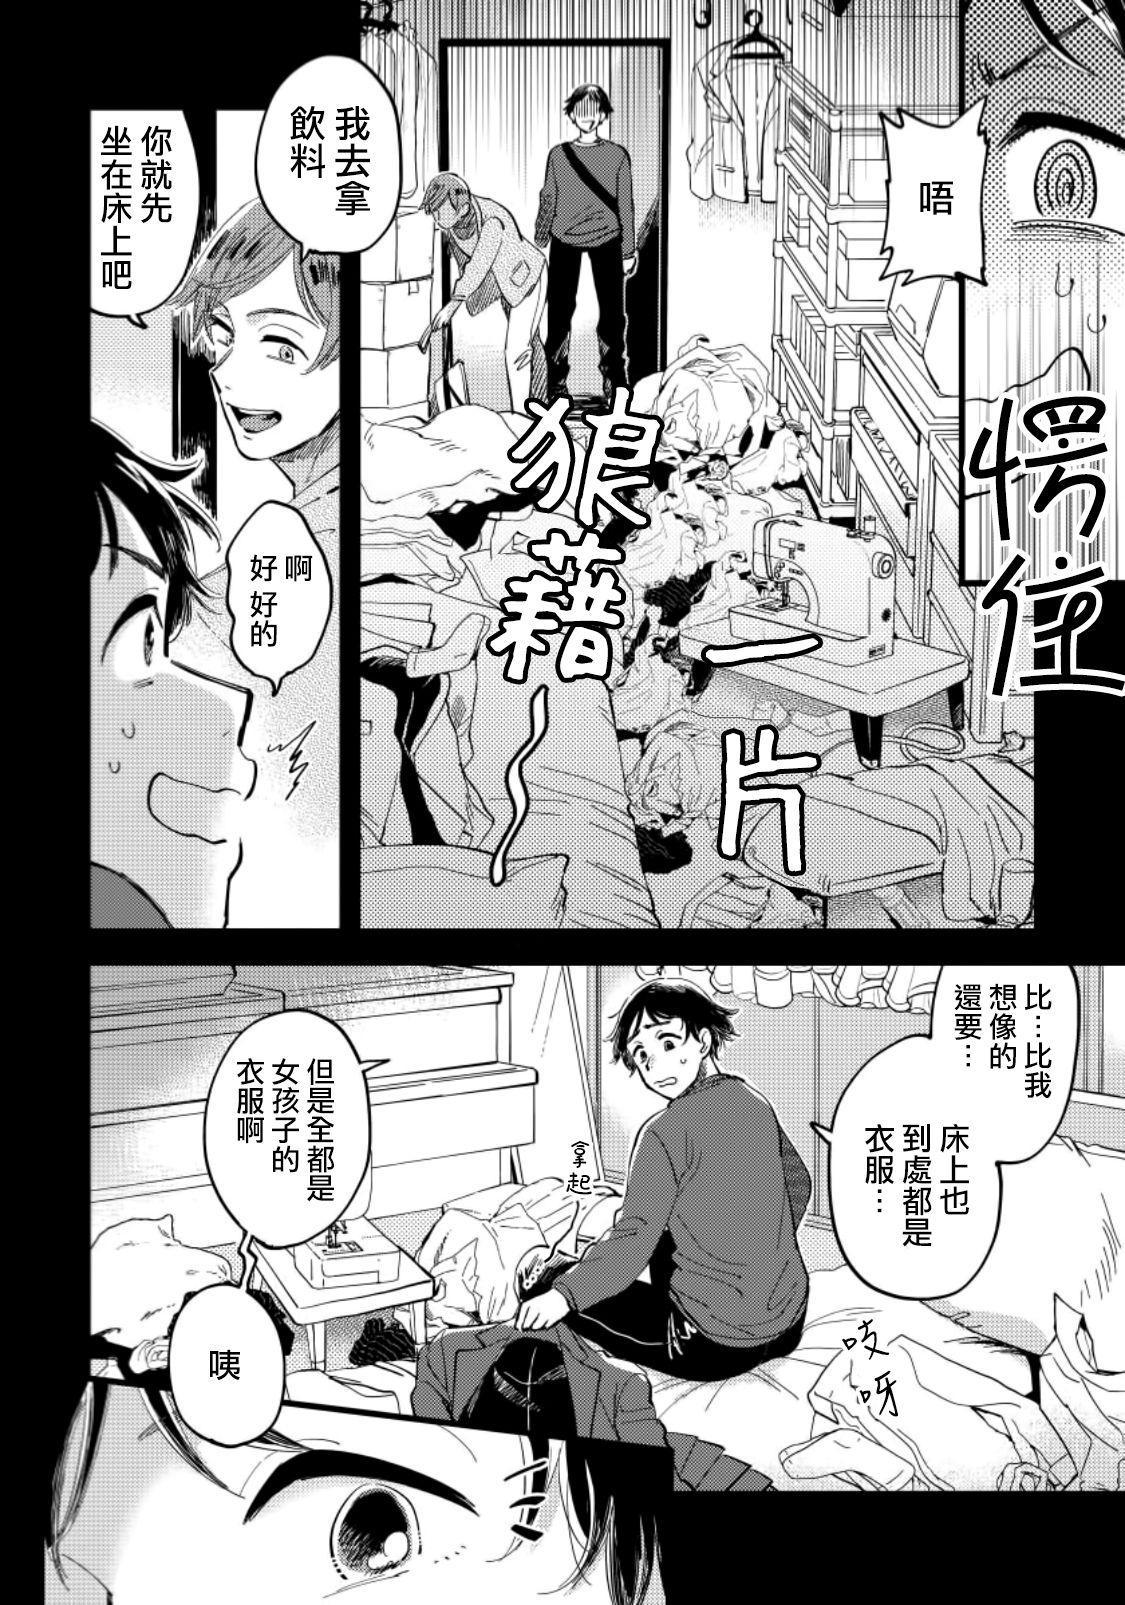 Josou Onii-san ga Nonke o Torotoro ni Naru made Kaihatsu Shitara 4 丨女裝大哥哥把直男黏糊糊的地方開發了的話 只靠後面高潮的樣子讓我看看吧 4 6